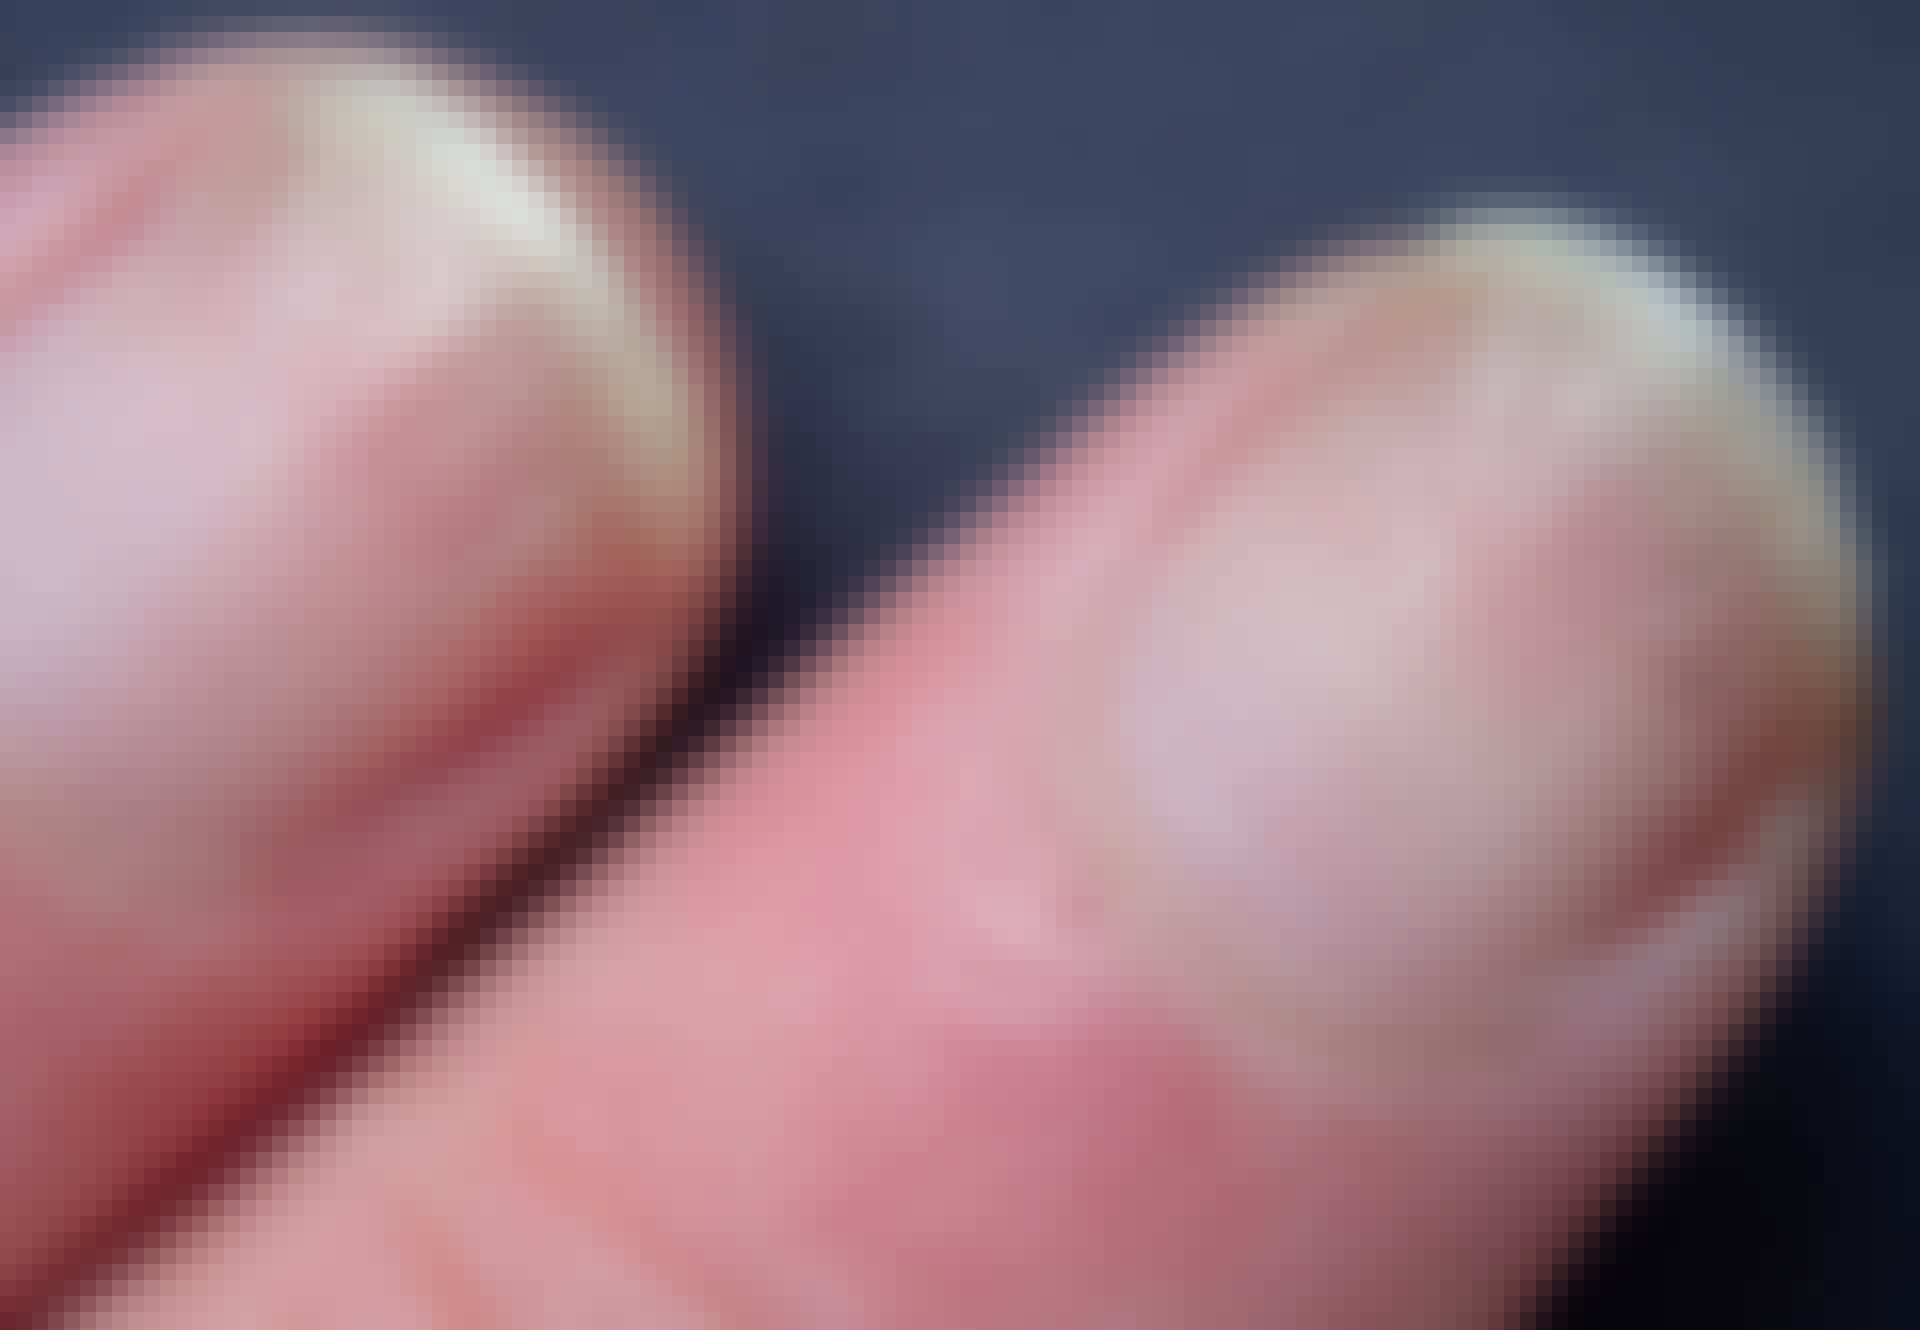 gescheurde nagels